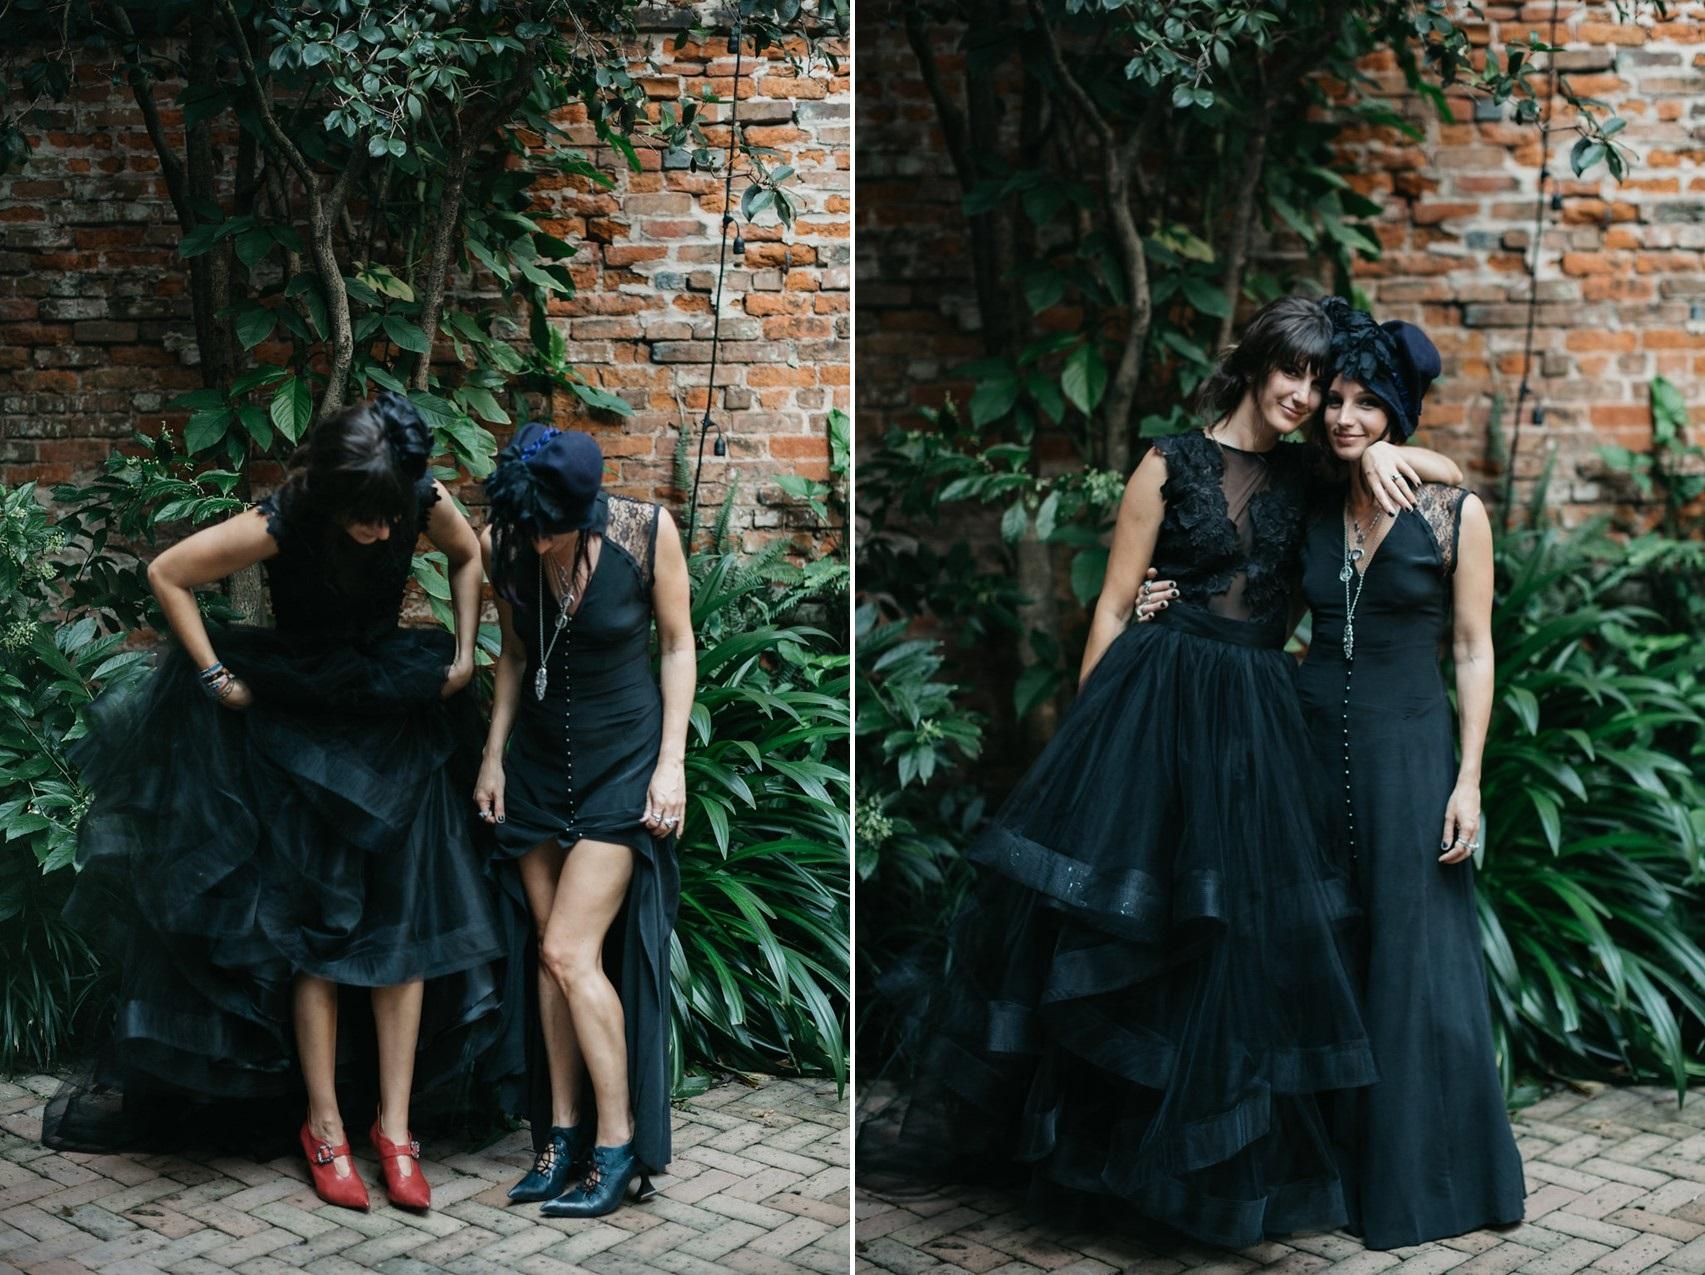 Gothic Victorian Inspired Wedding